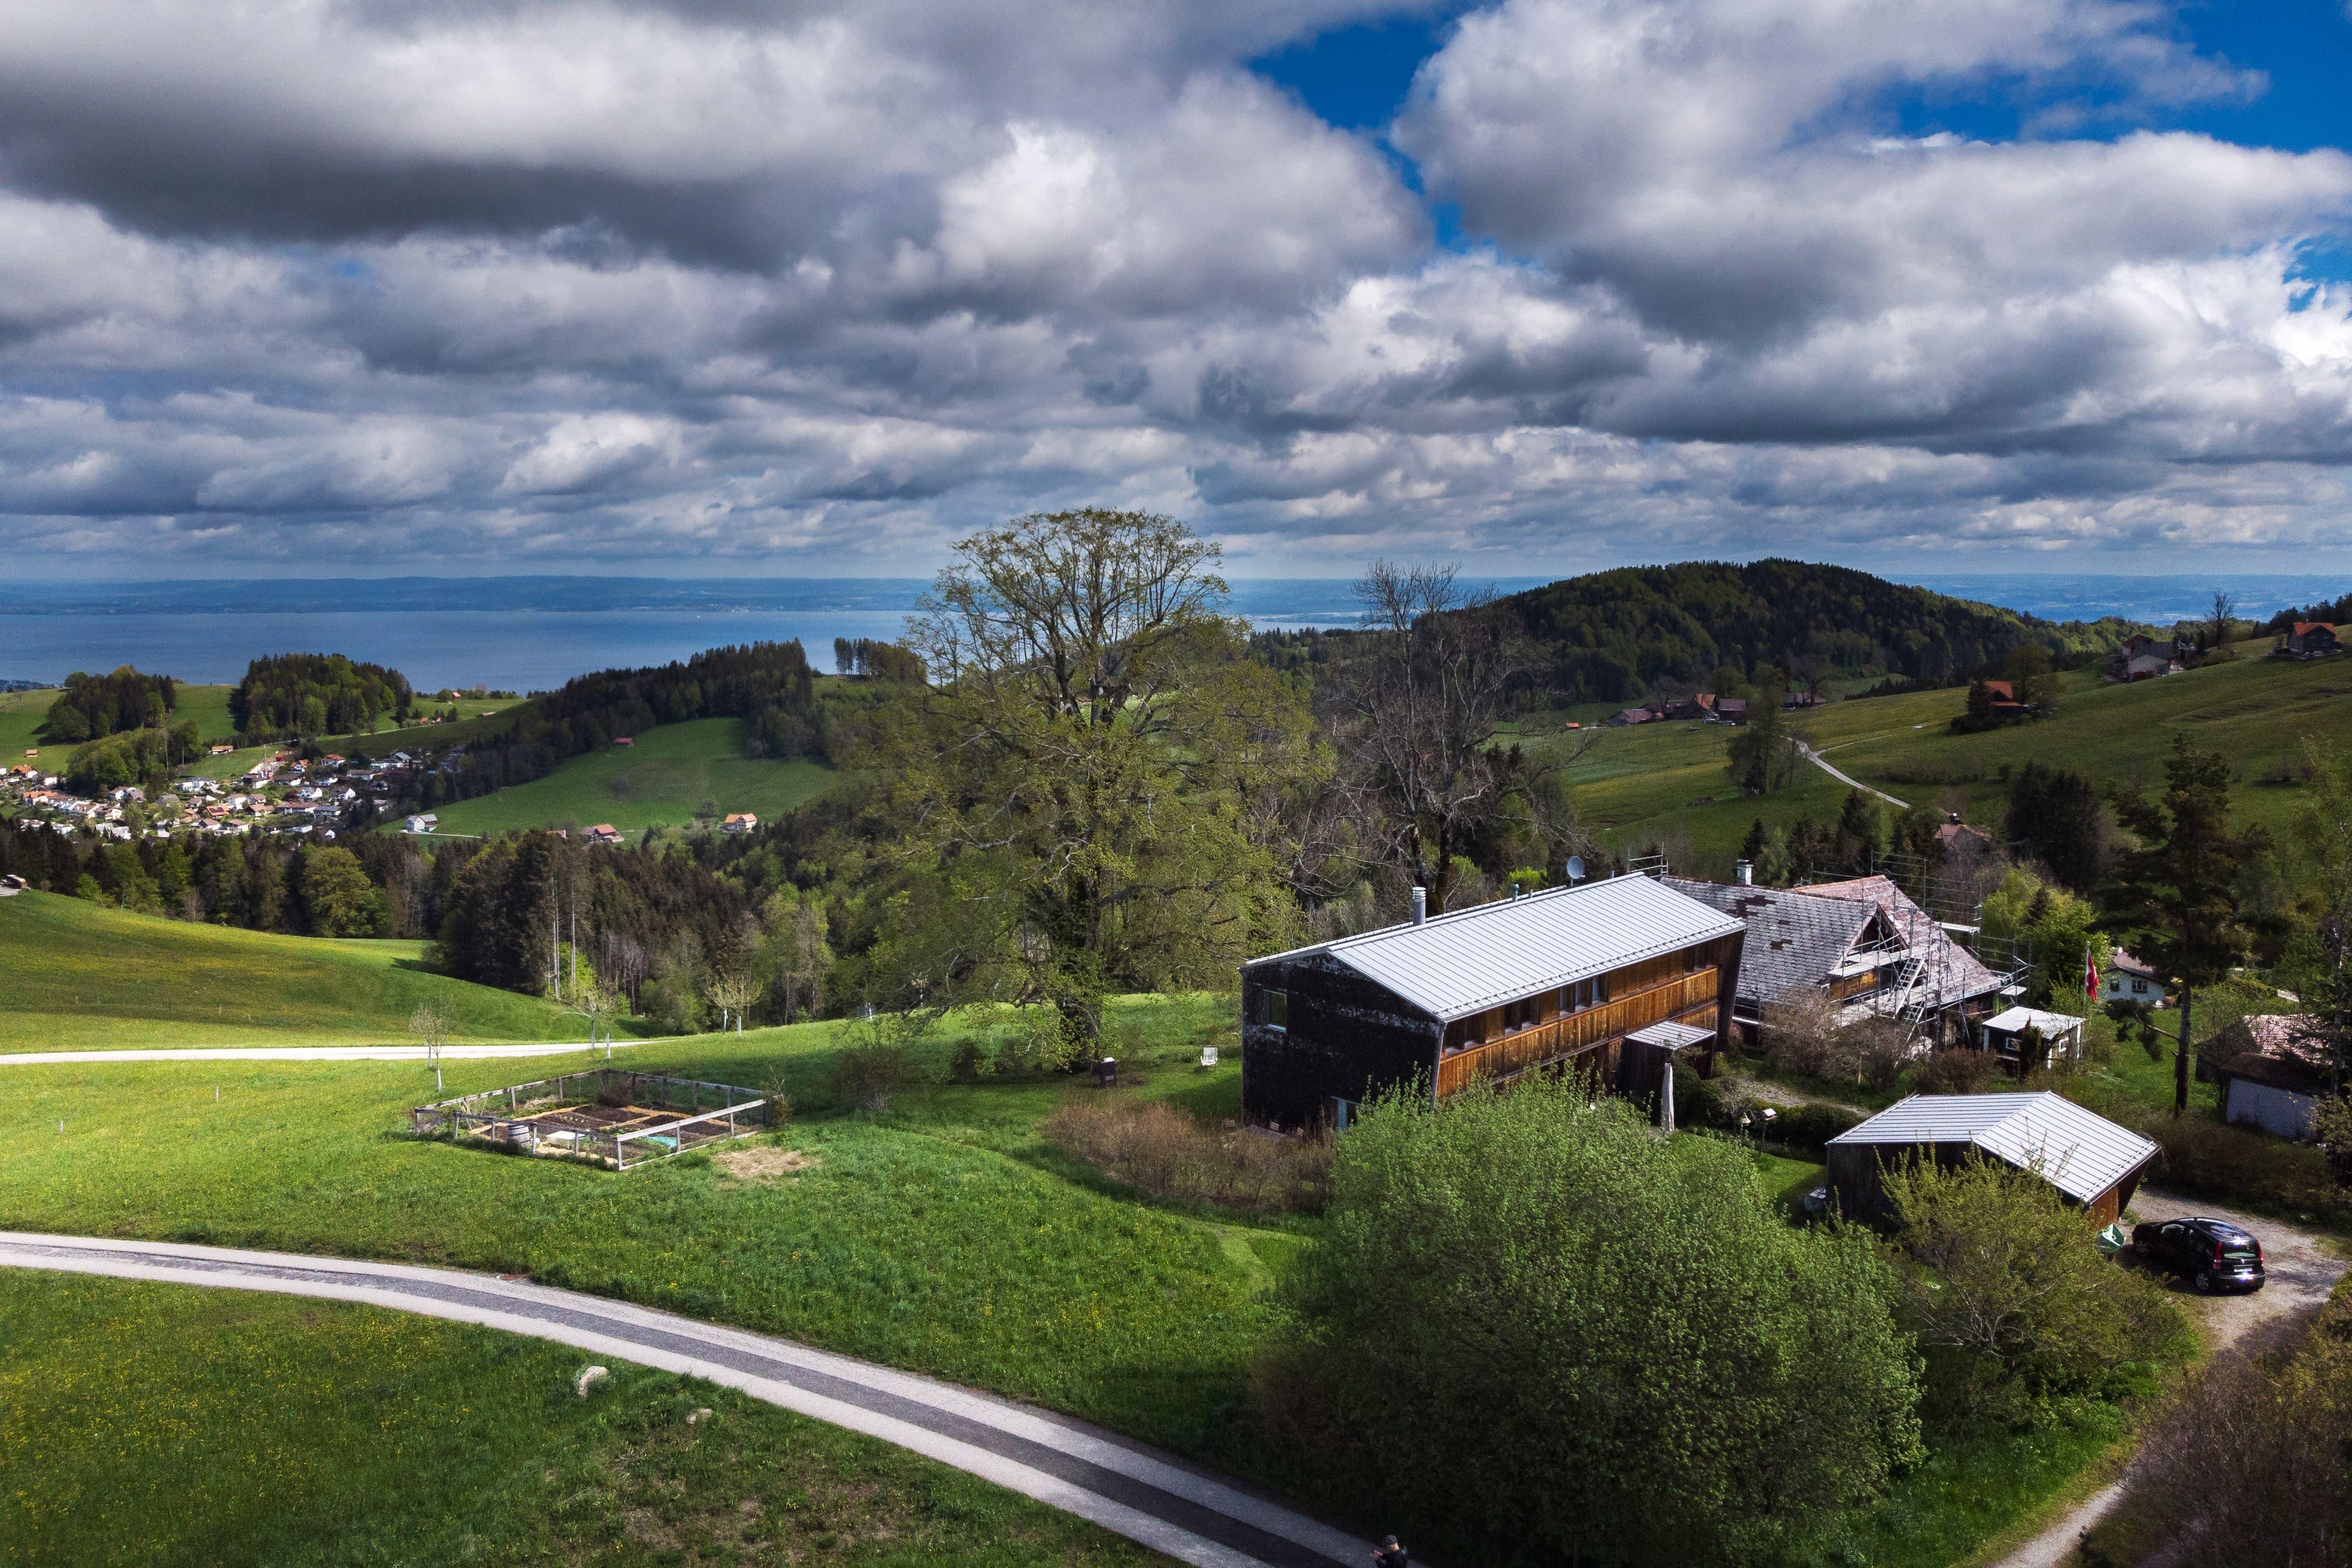 Haus und Garten von Monika Pearson bieten einen herrlichen Ausblick.